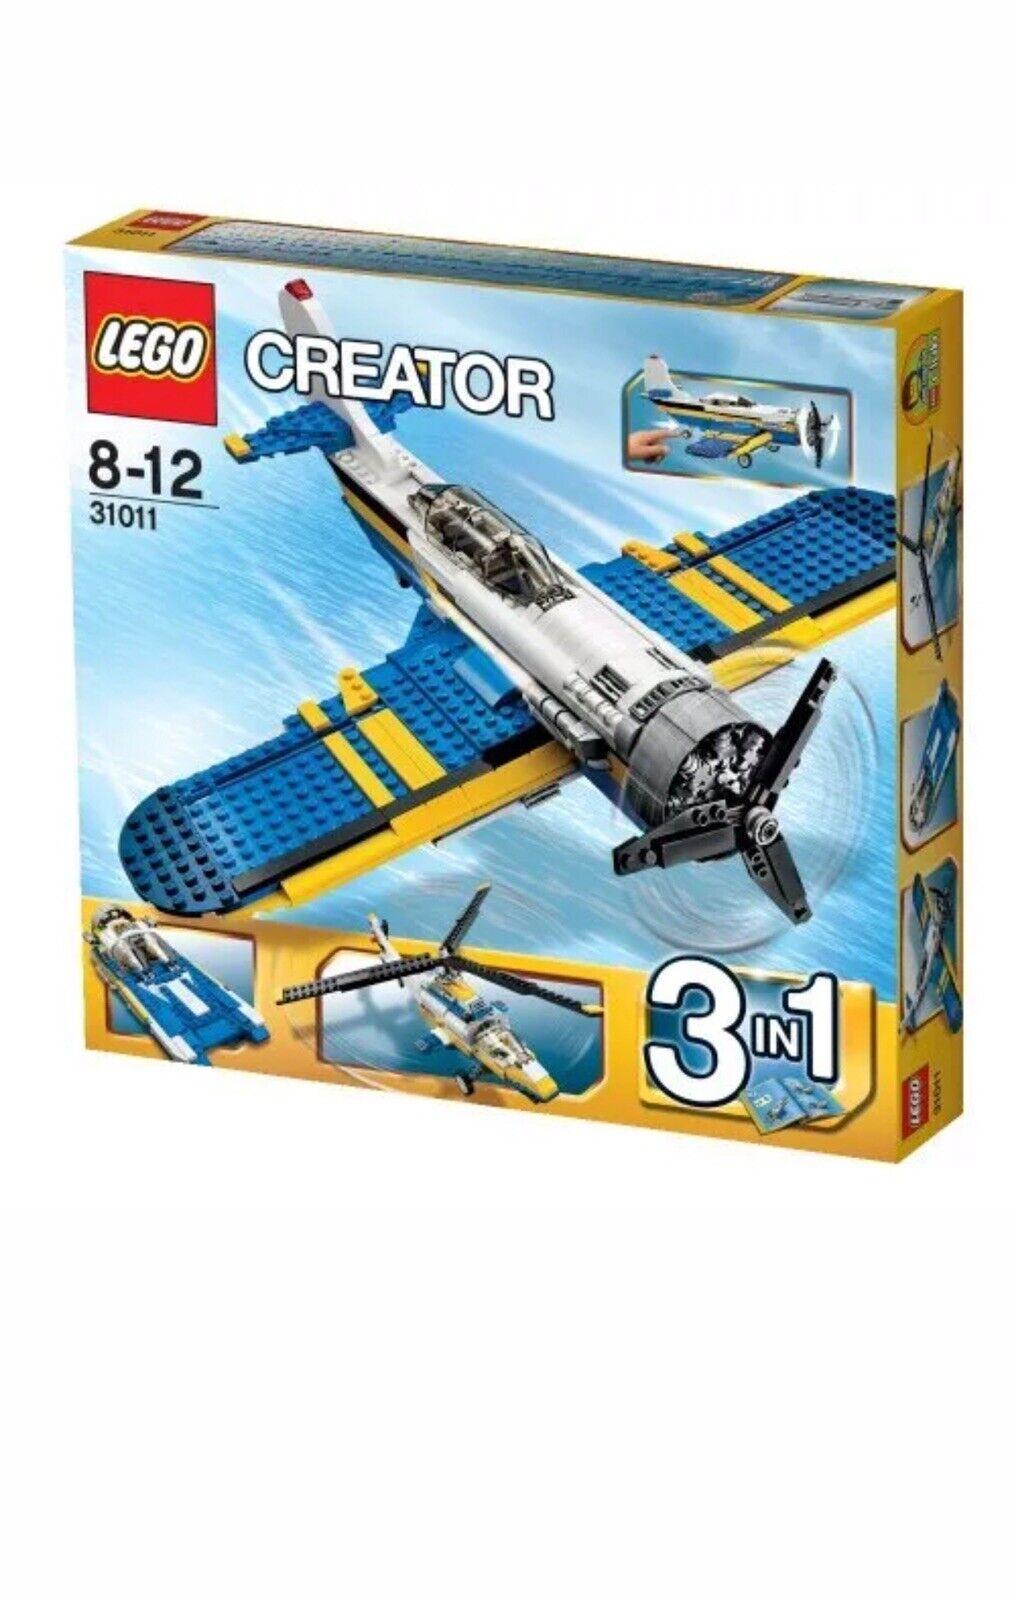 Lego 31011 Creator 3 en 1 aventuras de aviación